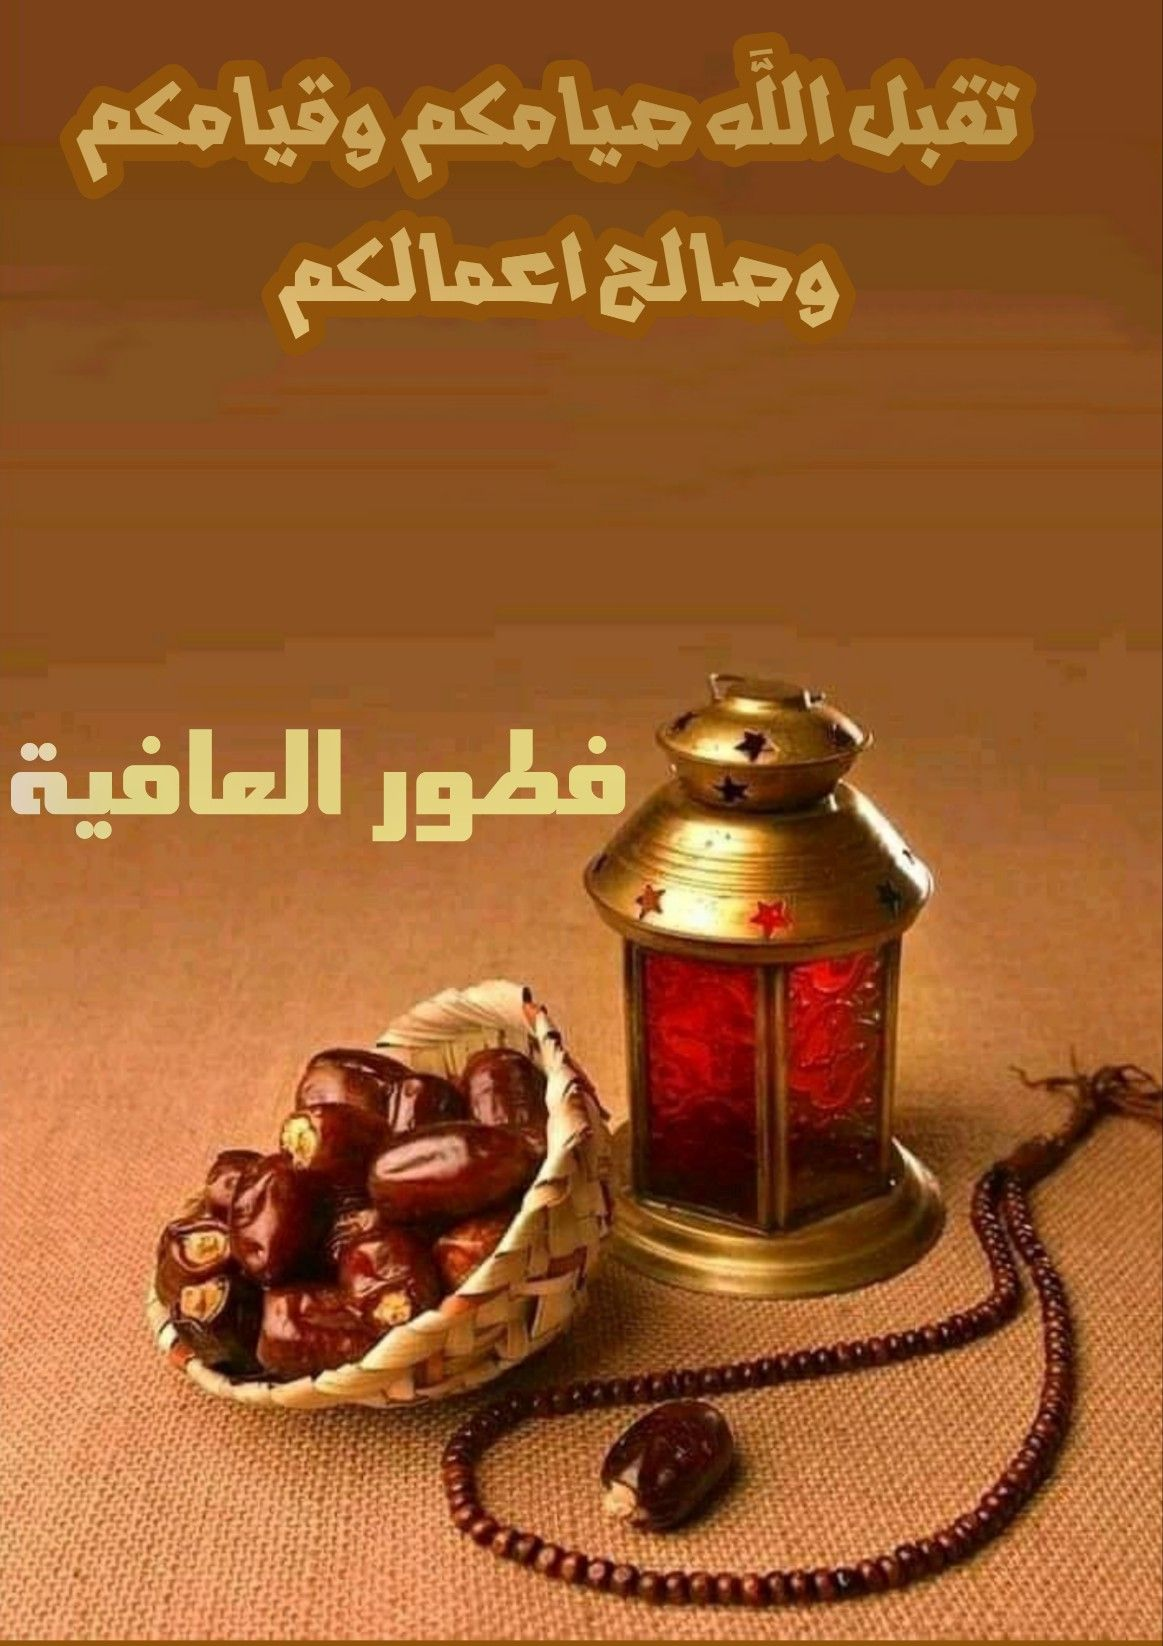 تقبل الله صيامكم وقيامكم وصالح اعمالكم فطور العافية Perfume Bottles Perfume Bottle